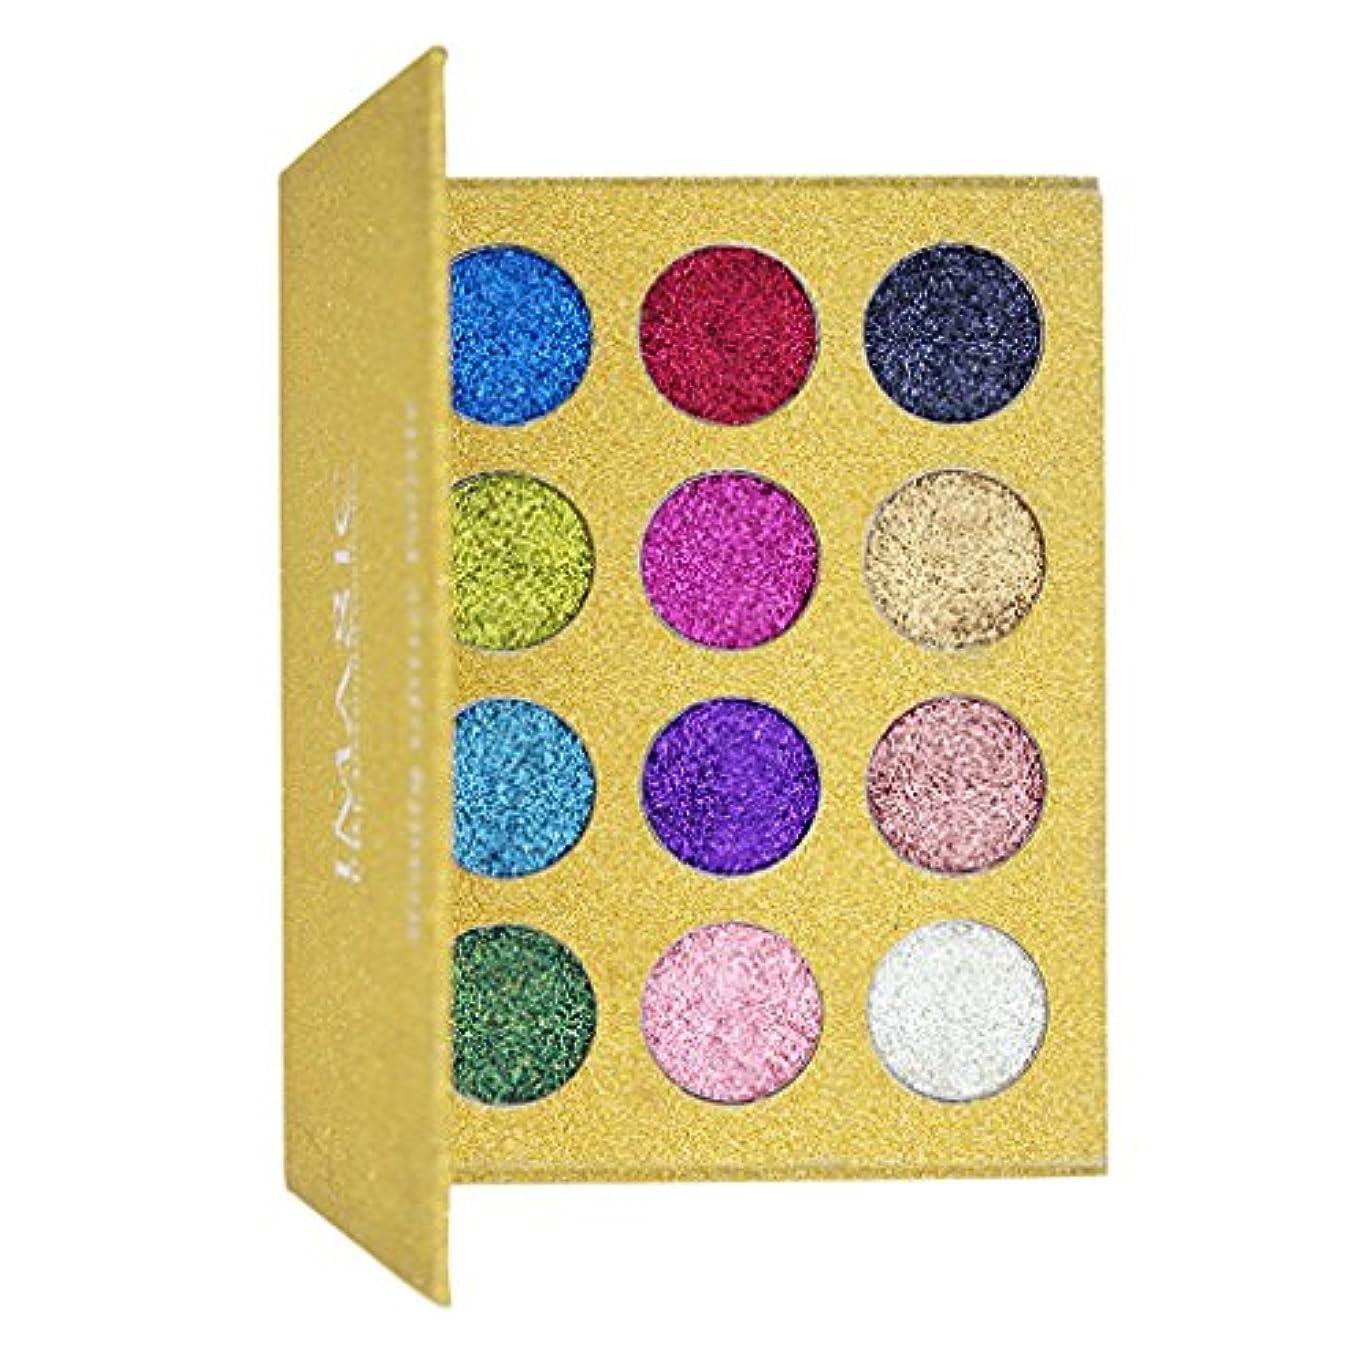 荒野財布速度12色 光沢 アイシャドーパレット ダイヤモンドピグメント アイシャドウ 全2タイプ - #2